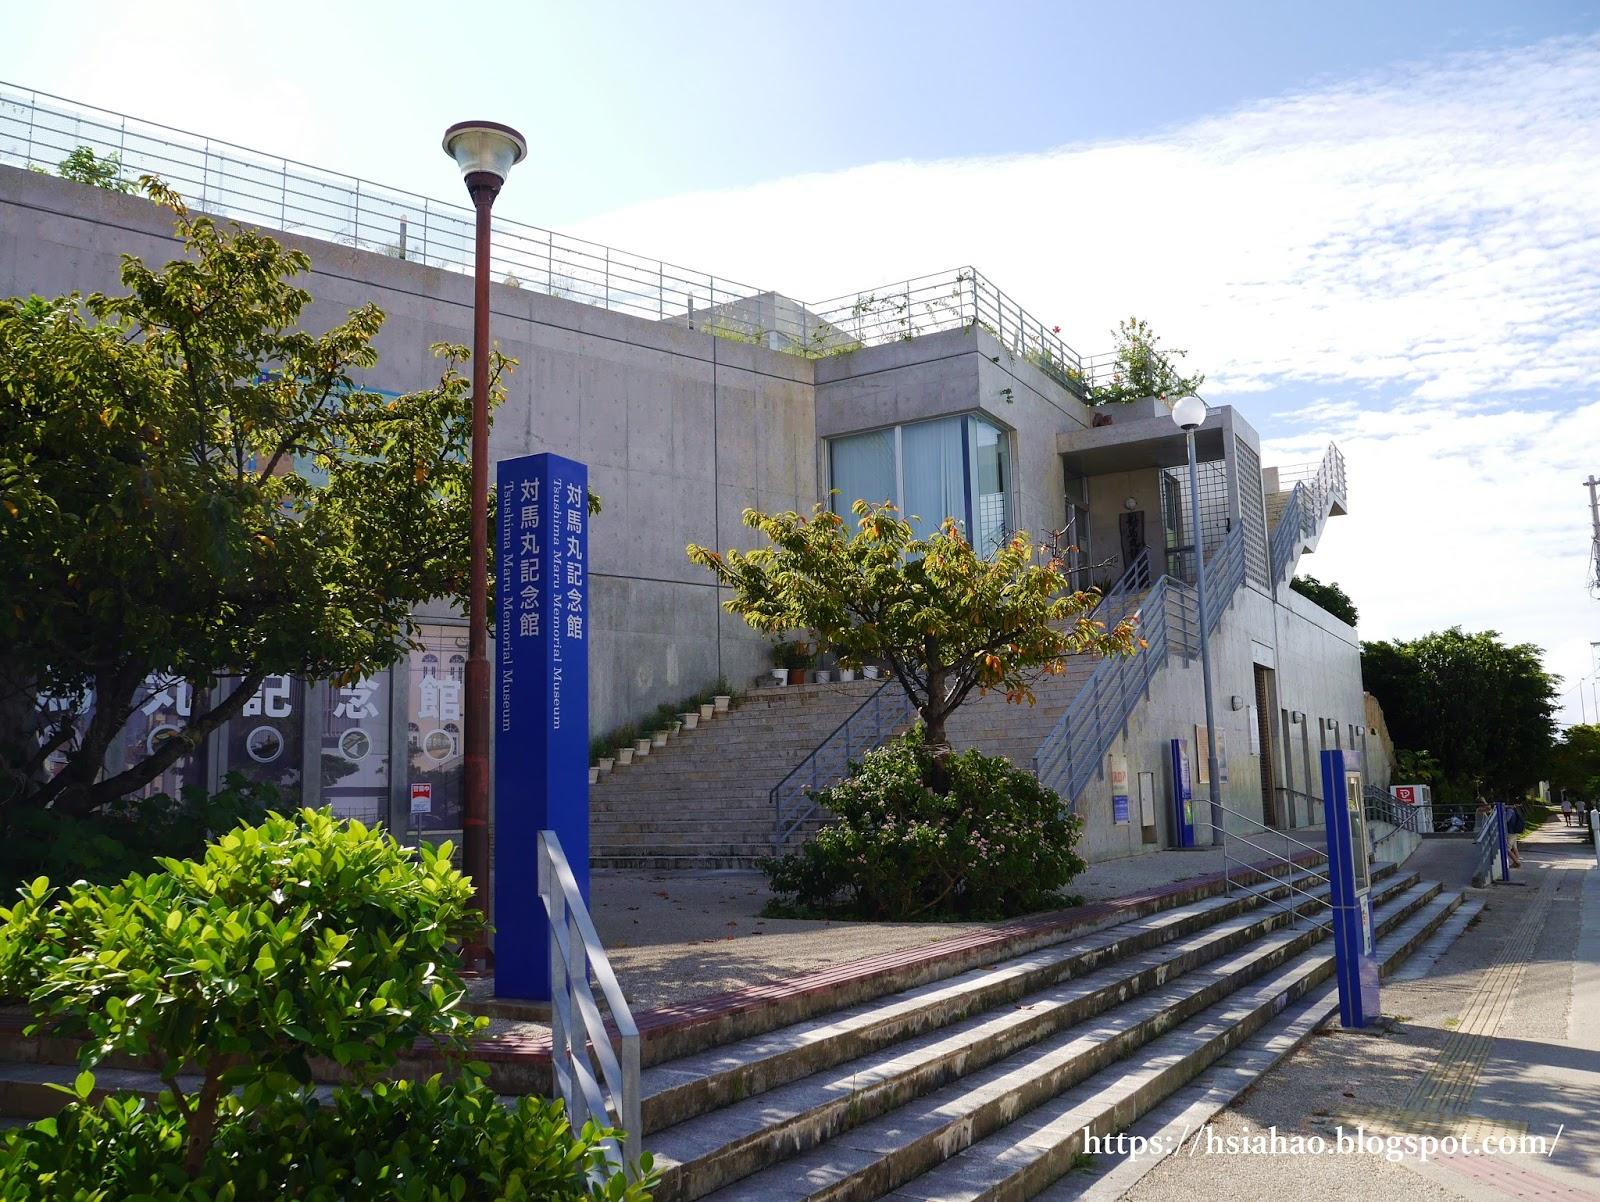 沖繩-那霸-景點-對馬丸紀念館-自由行-旅遊-Okinawa-Naha-Nanminsan